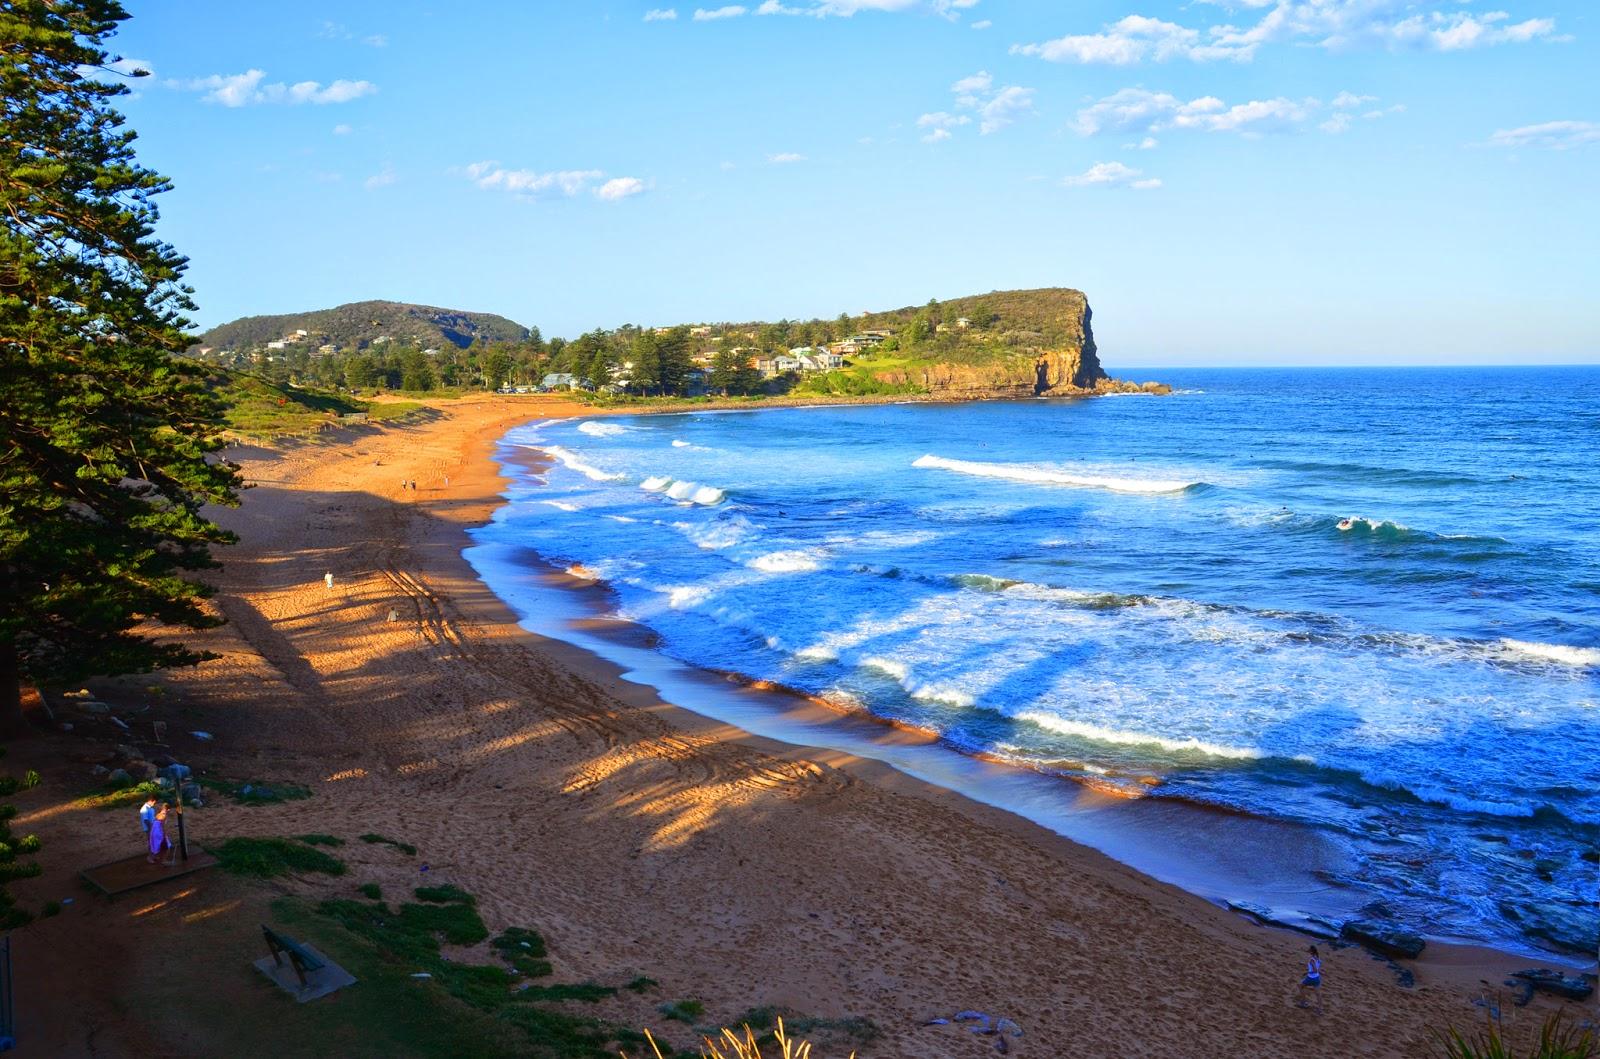 Beaches Wallpaper Beaches Wallpapers hd Avalon Beach Hd 1600x1059